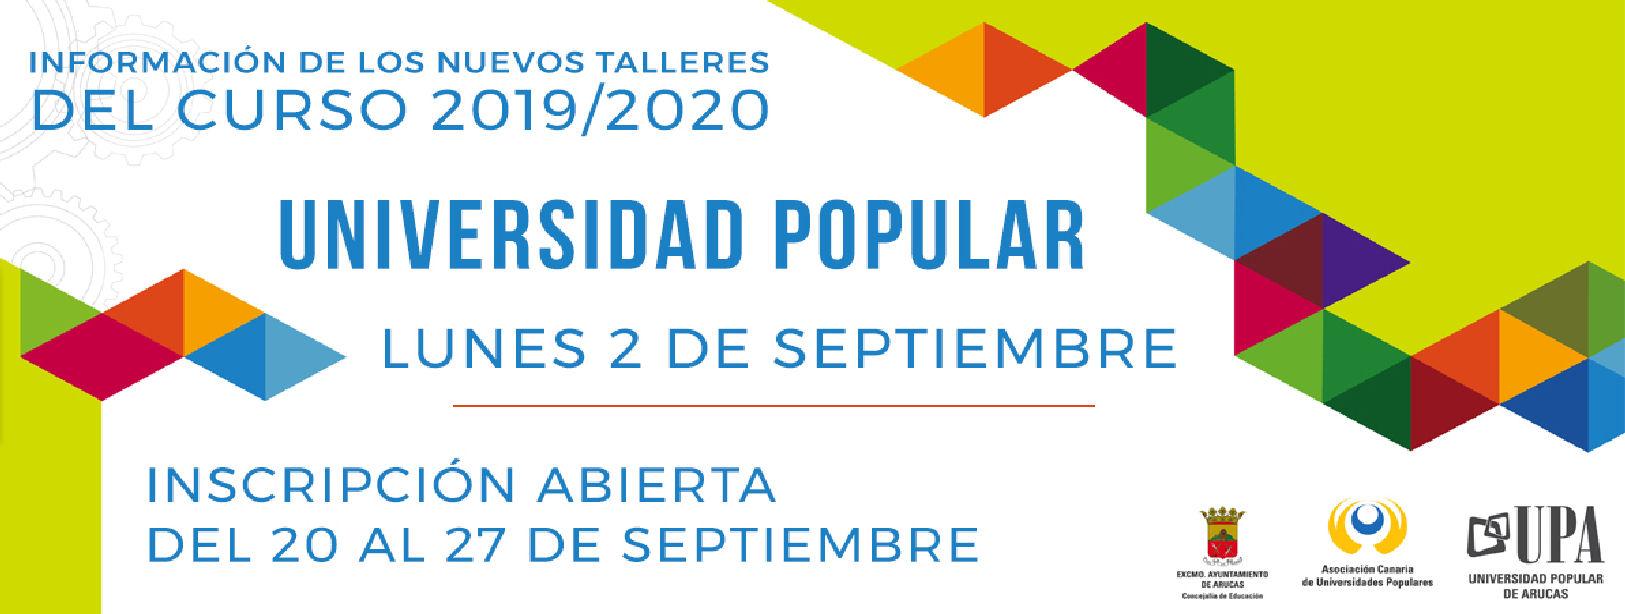 Calendario Romerias Gran Canaria 2020.Ayuntamiento De Arucas